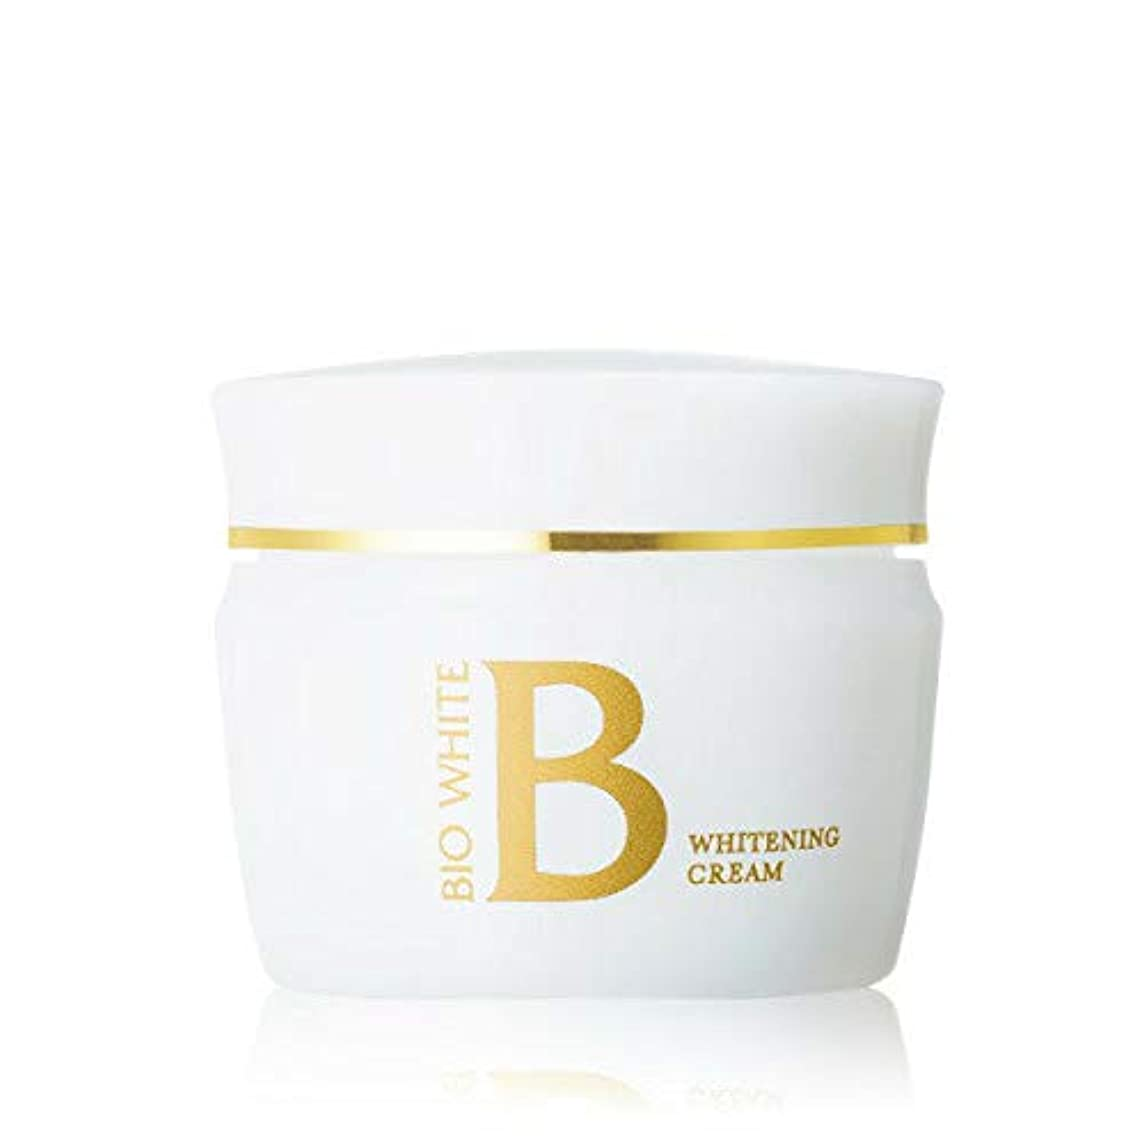 桃王位ピクニックをするエビス化粧品(EBiS) エビス ビーホワイトクリーム 40g 美白クリーム トラネキサム酸 配合 医薬部外品